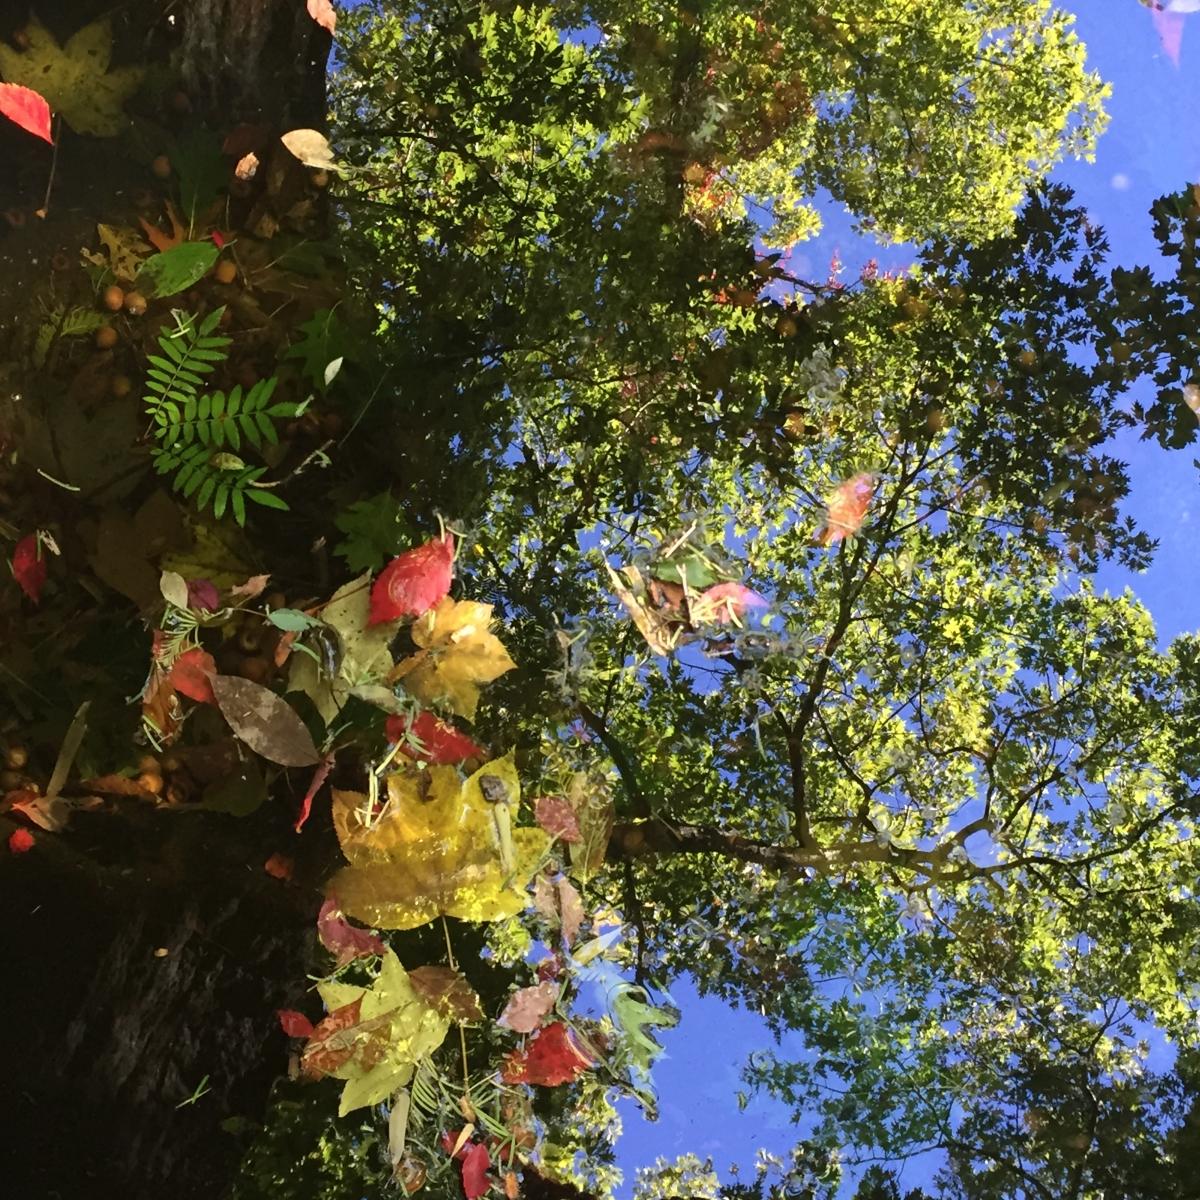 Marianne Sullivan-Stonecrop Gardens